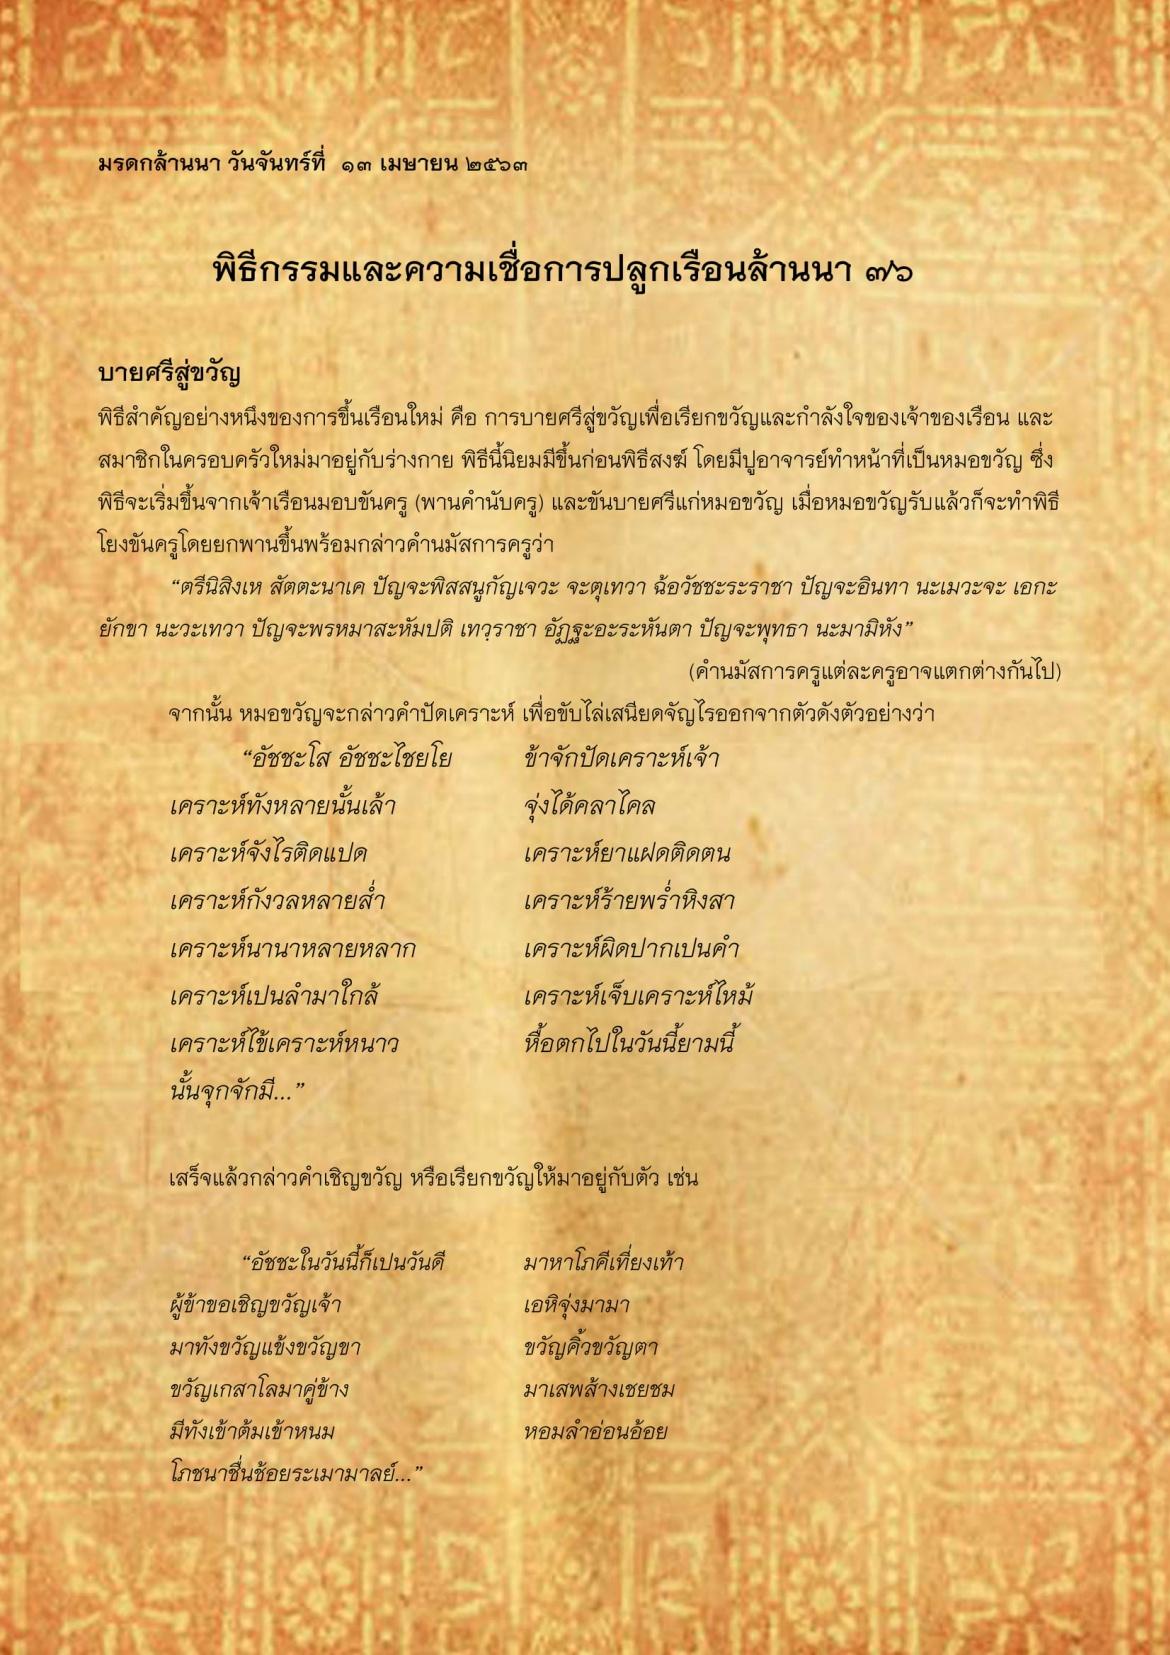 พิธีกรรมเเละความเชื่อการปลูกเรือนล้านนา(76) - 13 เมษายน 2563